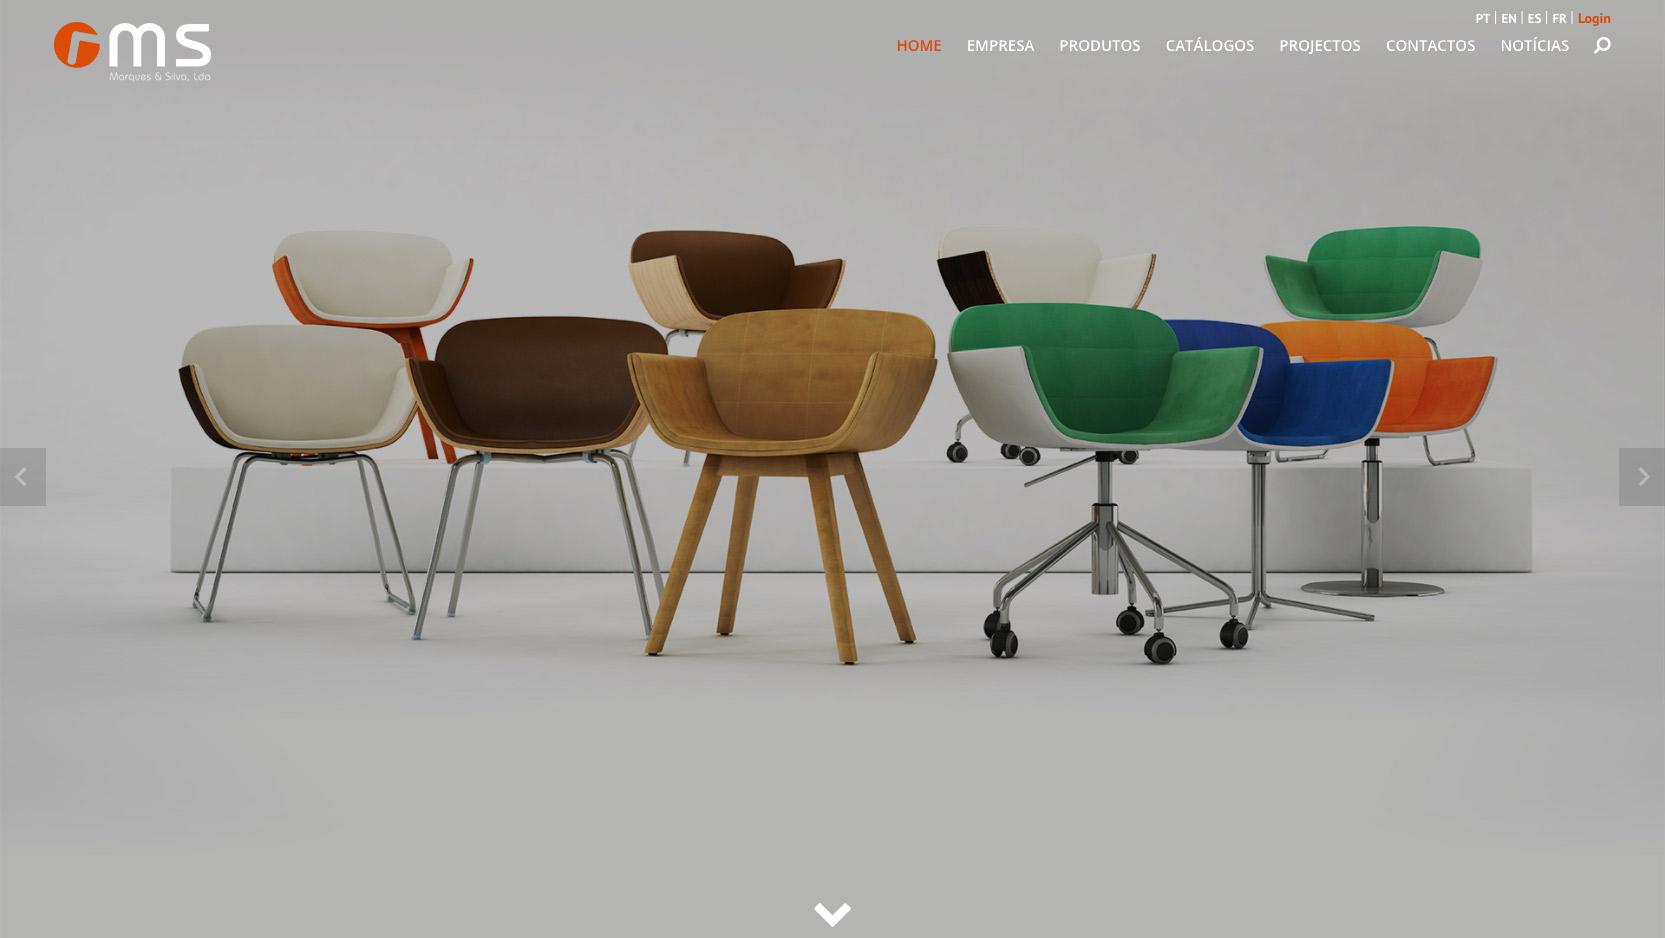 Website Marques & Silva